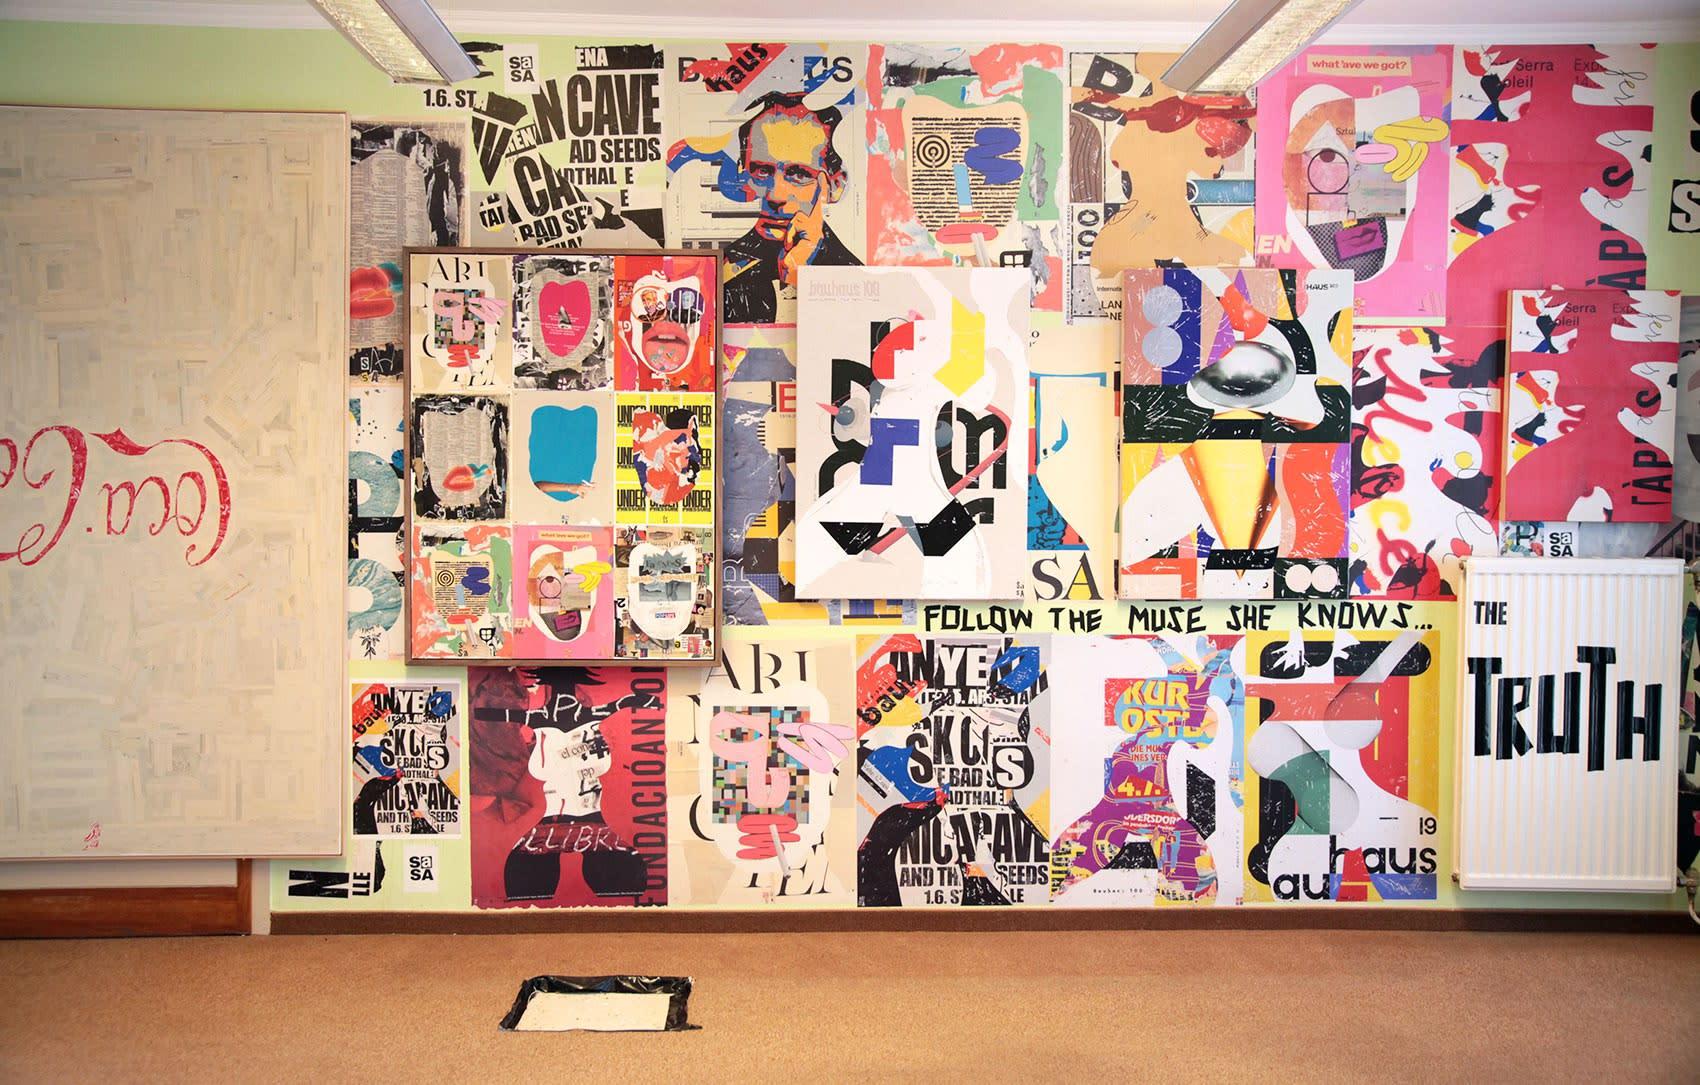 galleries in vienna,  ho gallery, sasha knezevic,